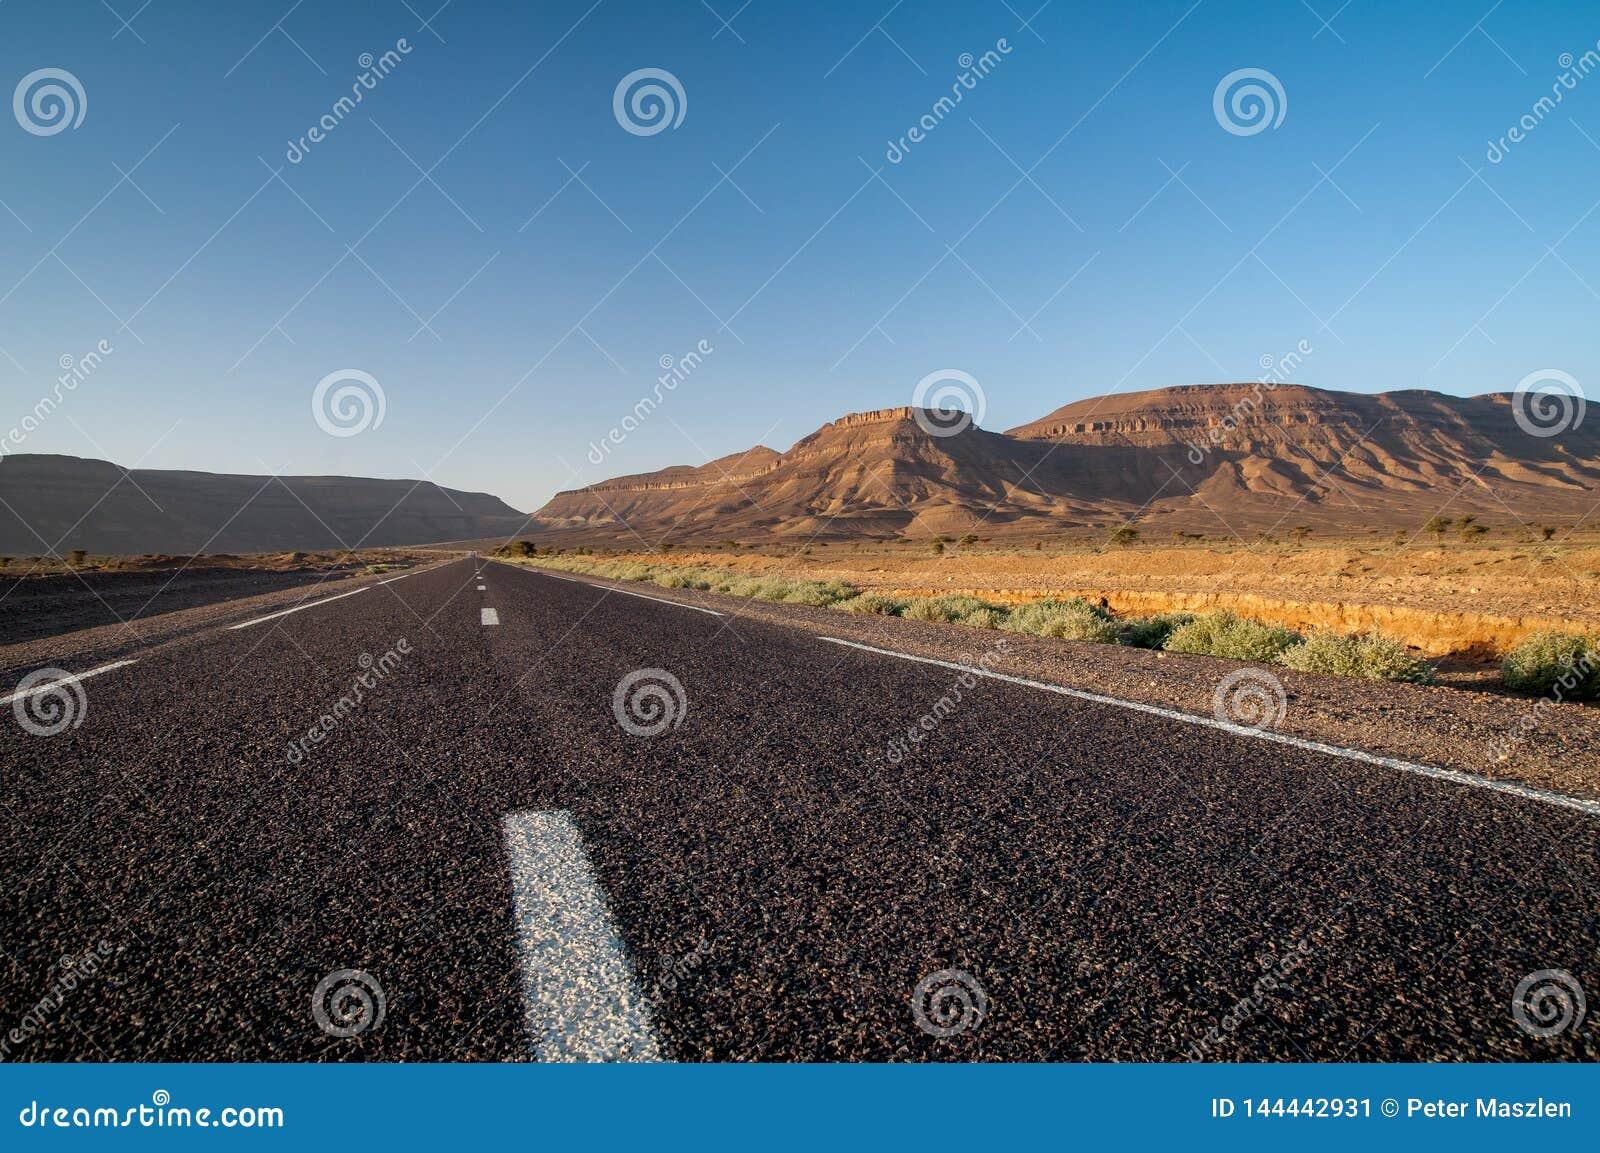 Straight asphalt road in the desert of Morocco